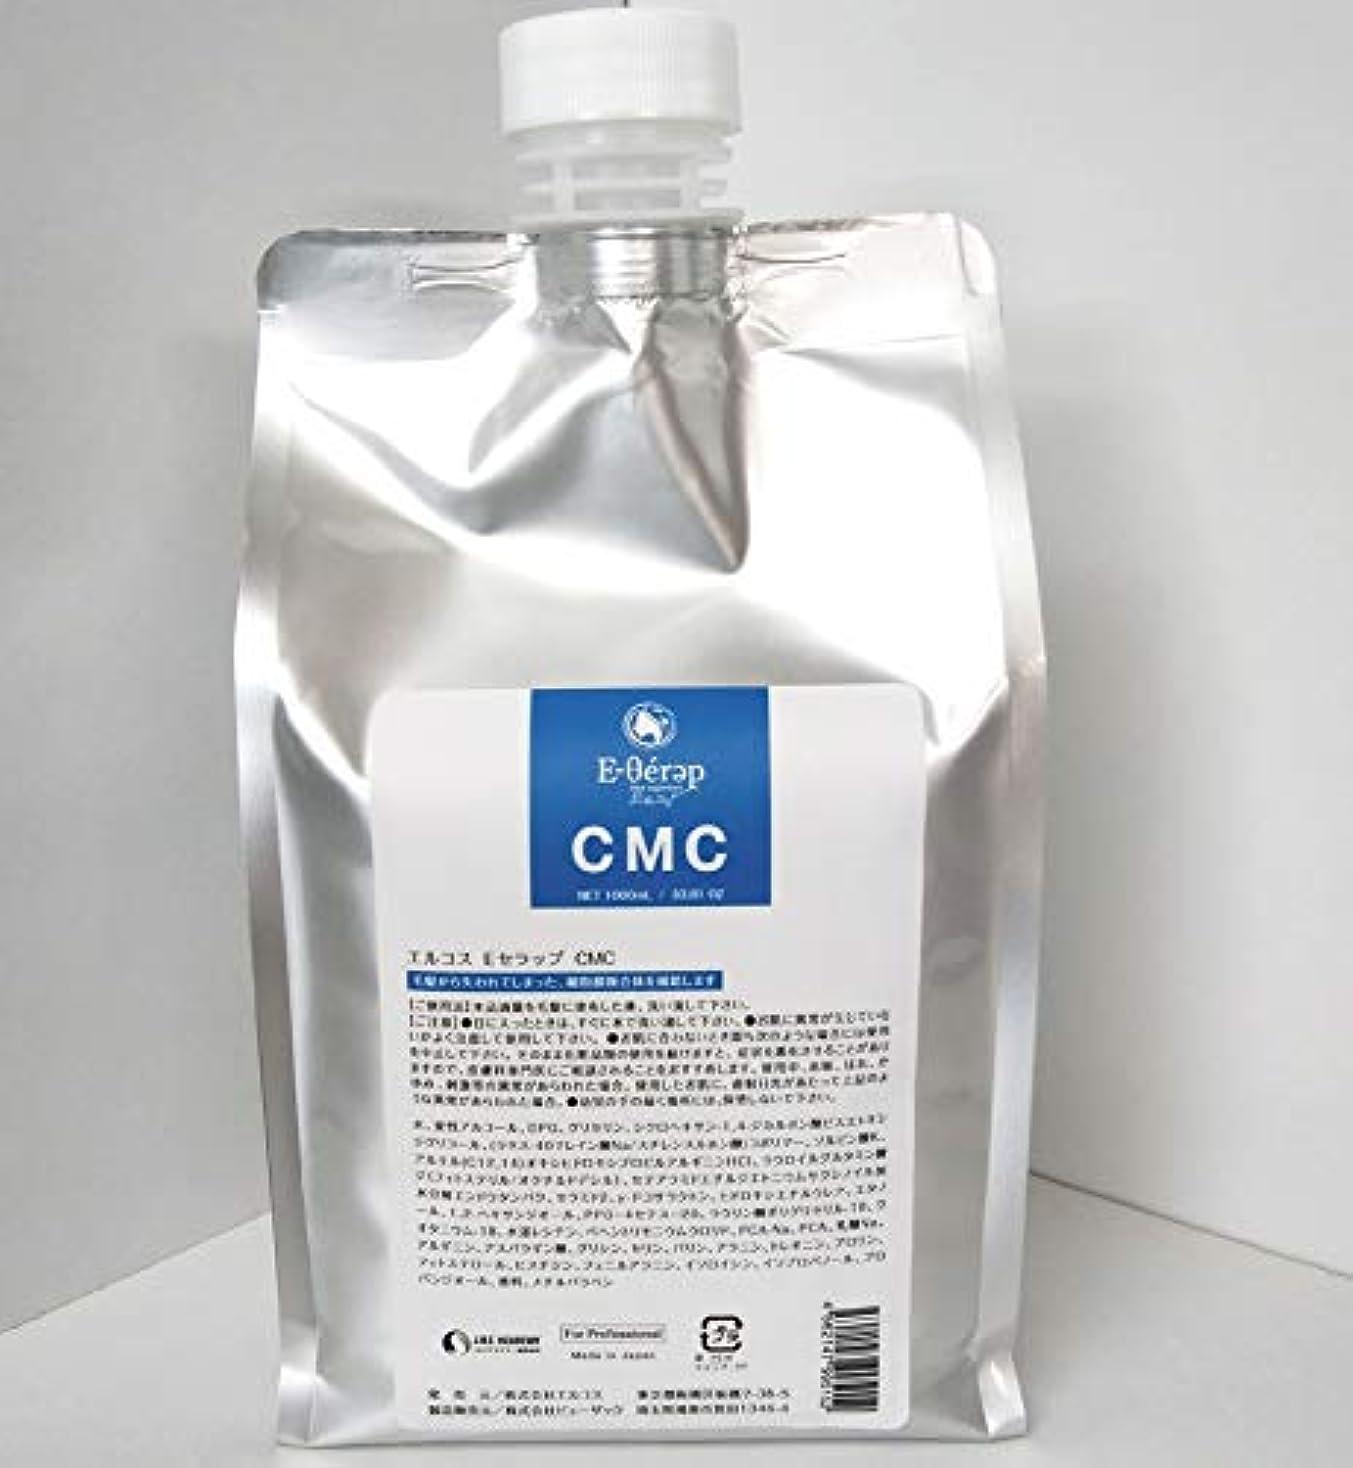 耐えられない欠乏エジプト人エルコス Eセラップ CMC 1000ml